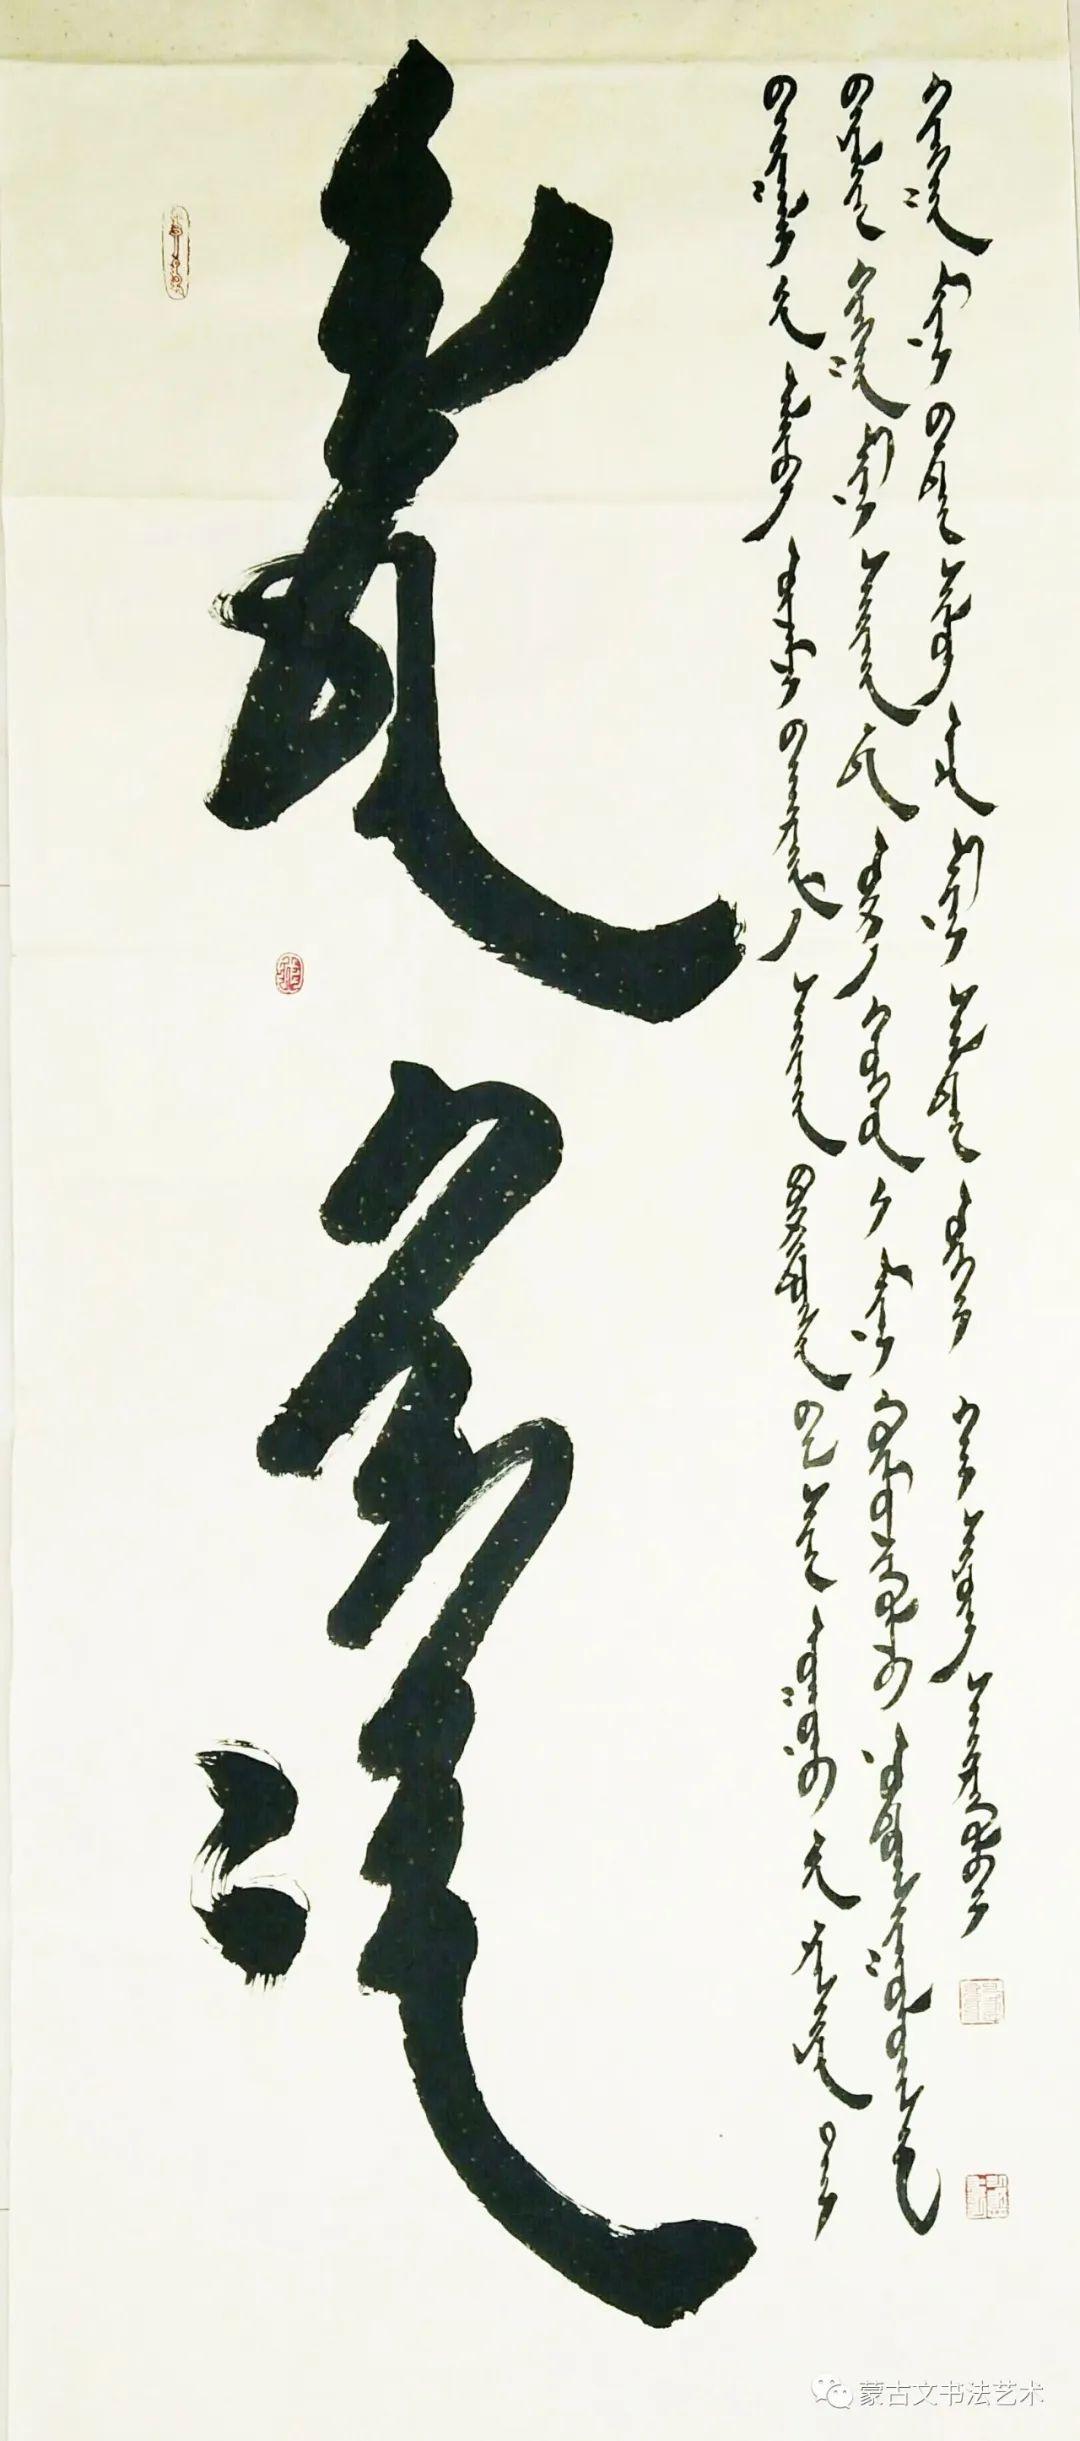 海雄蒙古文书法作品(一) 第13张 海雄蒙古文书法作品(一) 蒙古书法